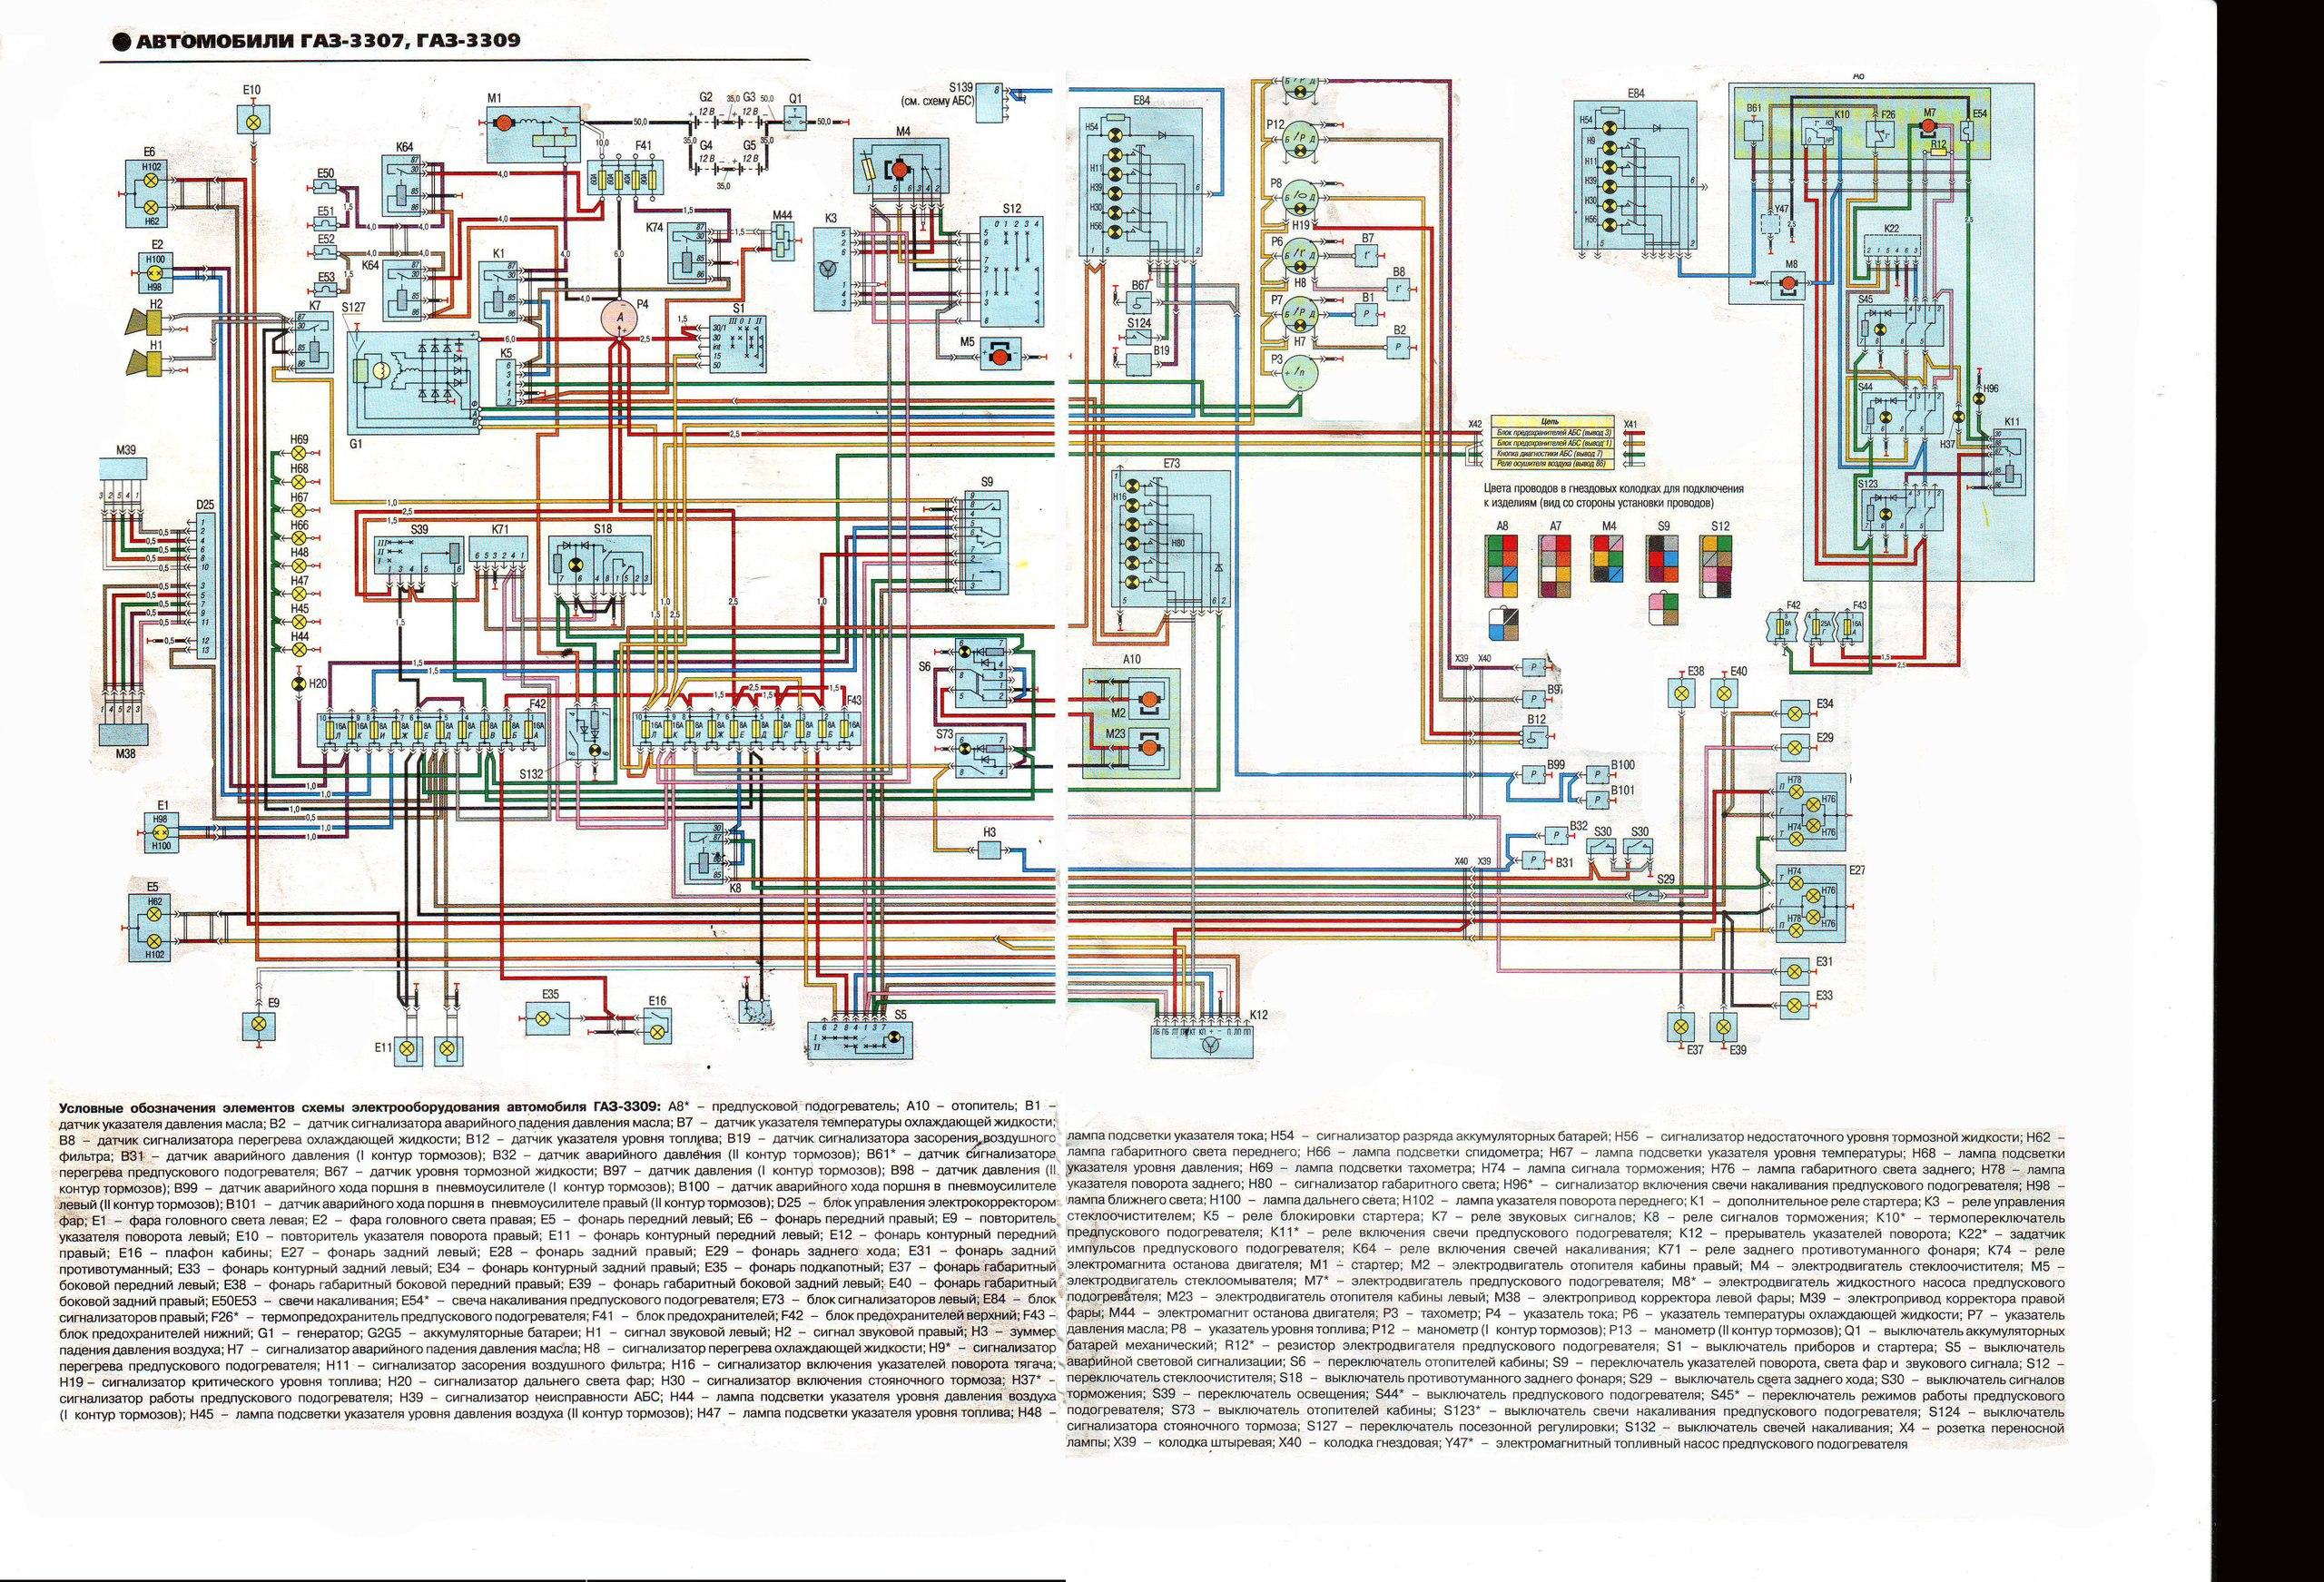 Электрическая схема газ 3309 дизель стоп сигнал 62